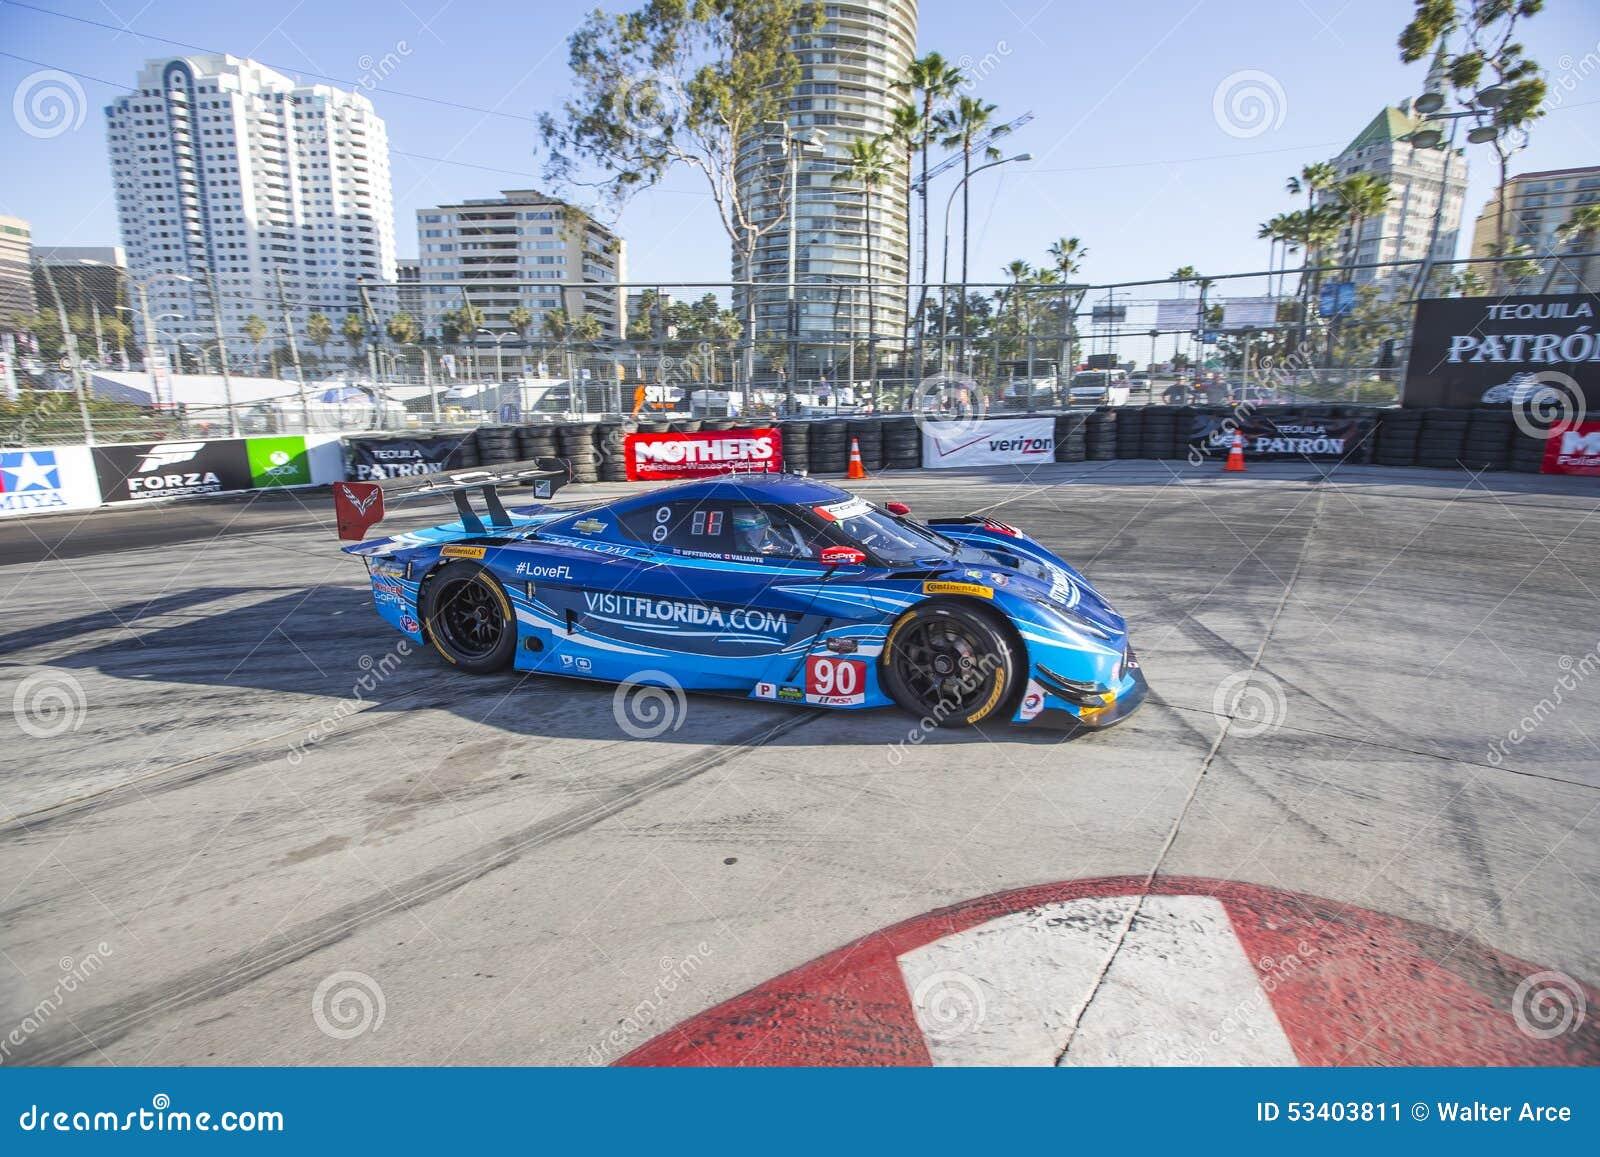 How Long Is Daytona Beach Race Track